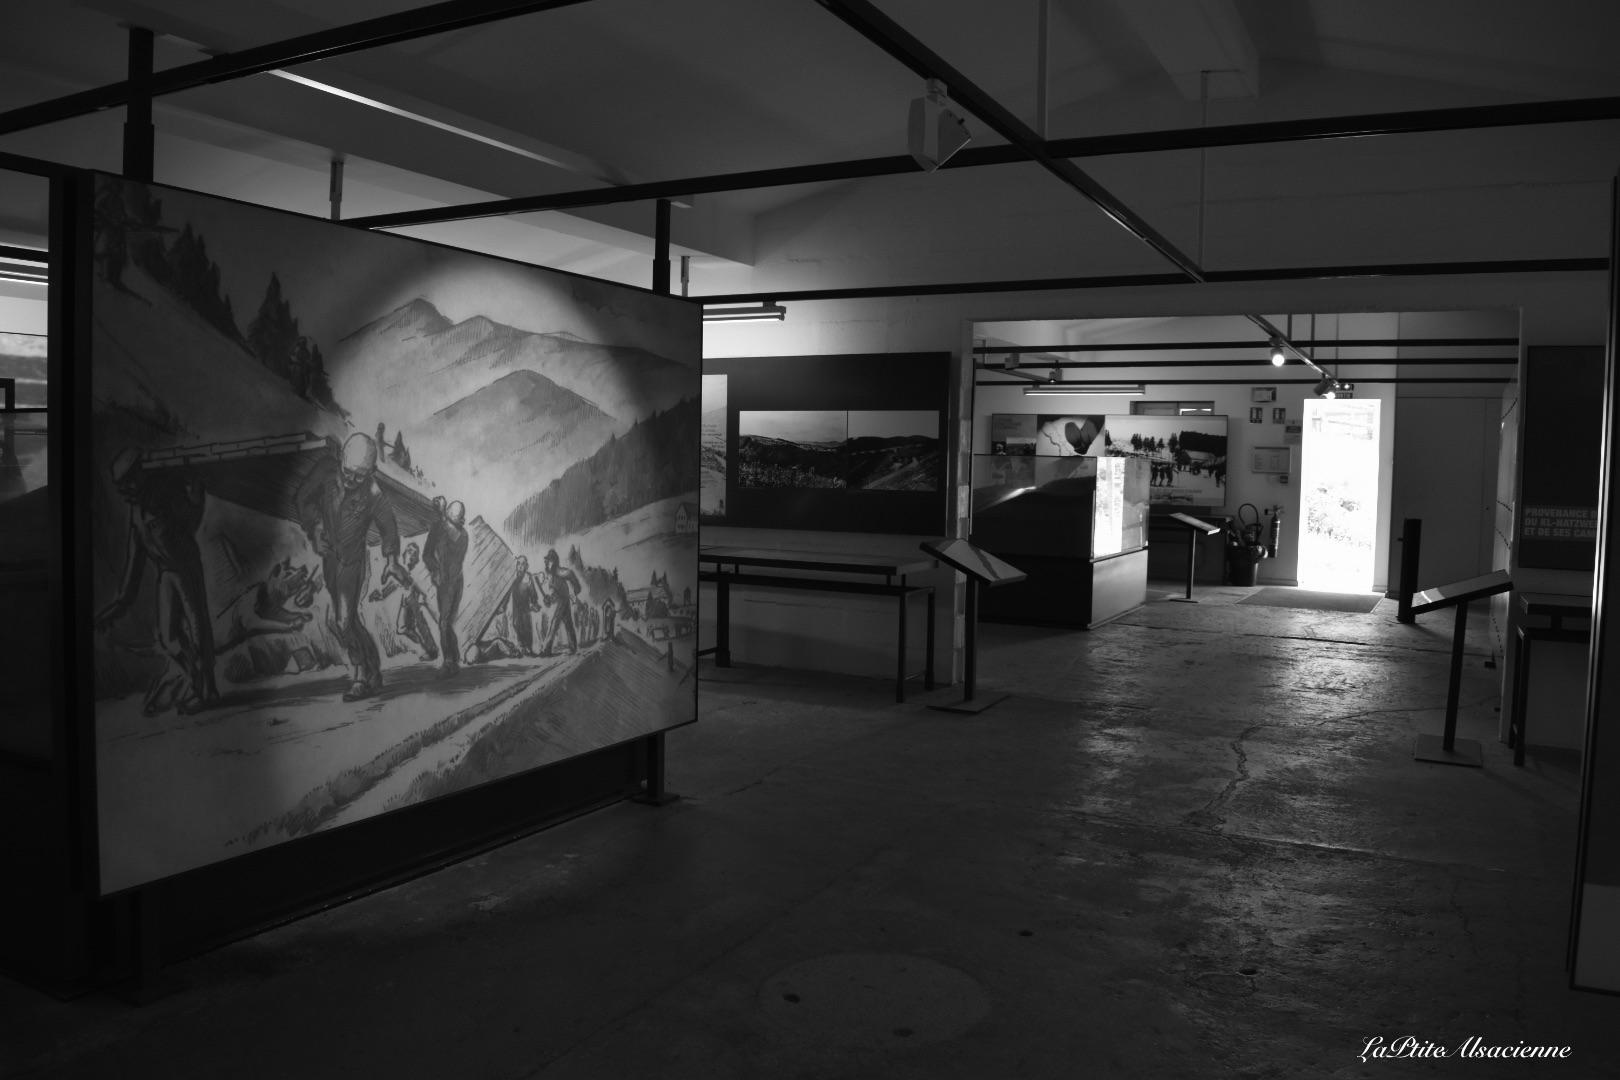 Exposition dans le 1er baraquement du Struthof - Photo  de Cendrine Miesch dite LaPtiteAlsacienne